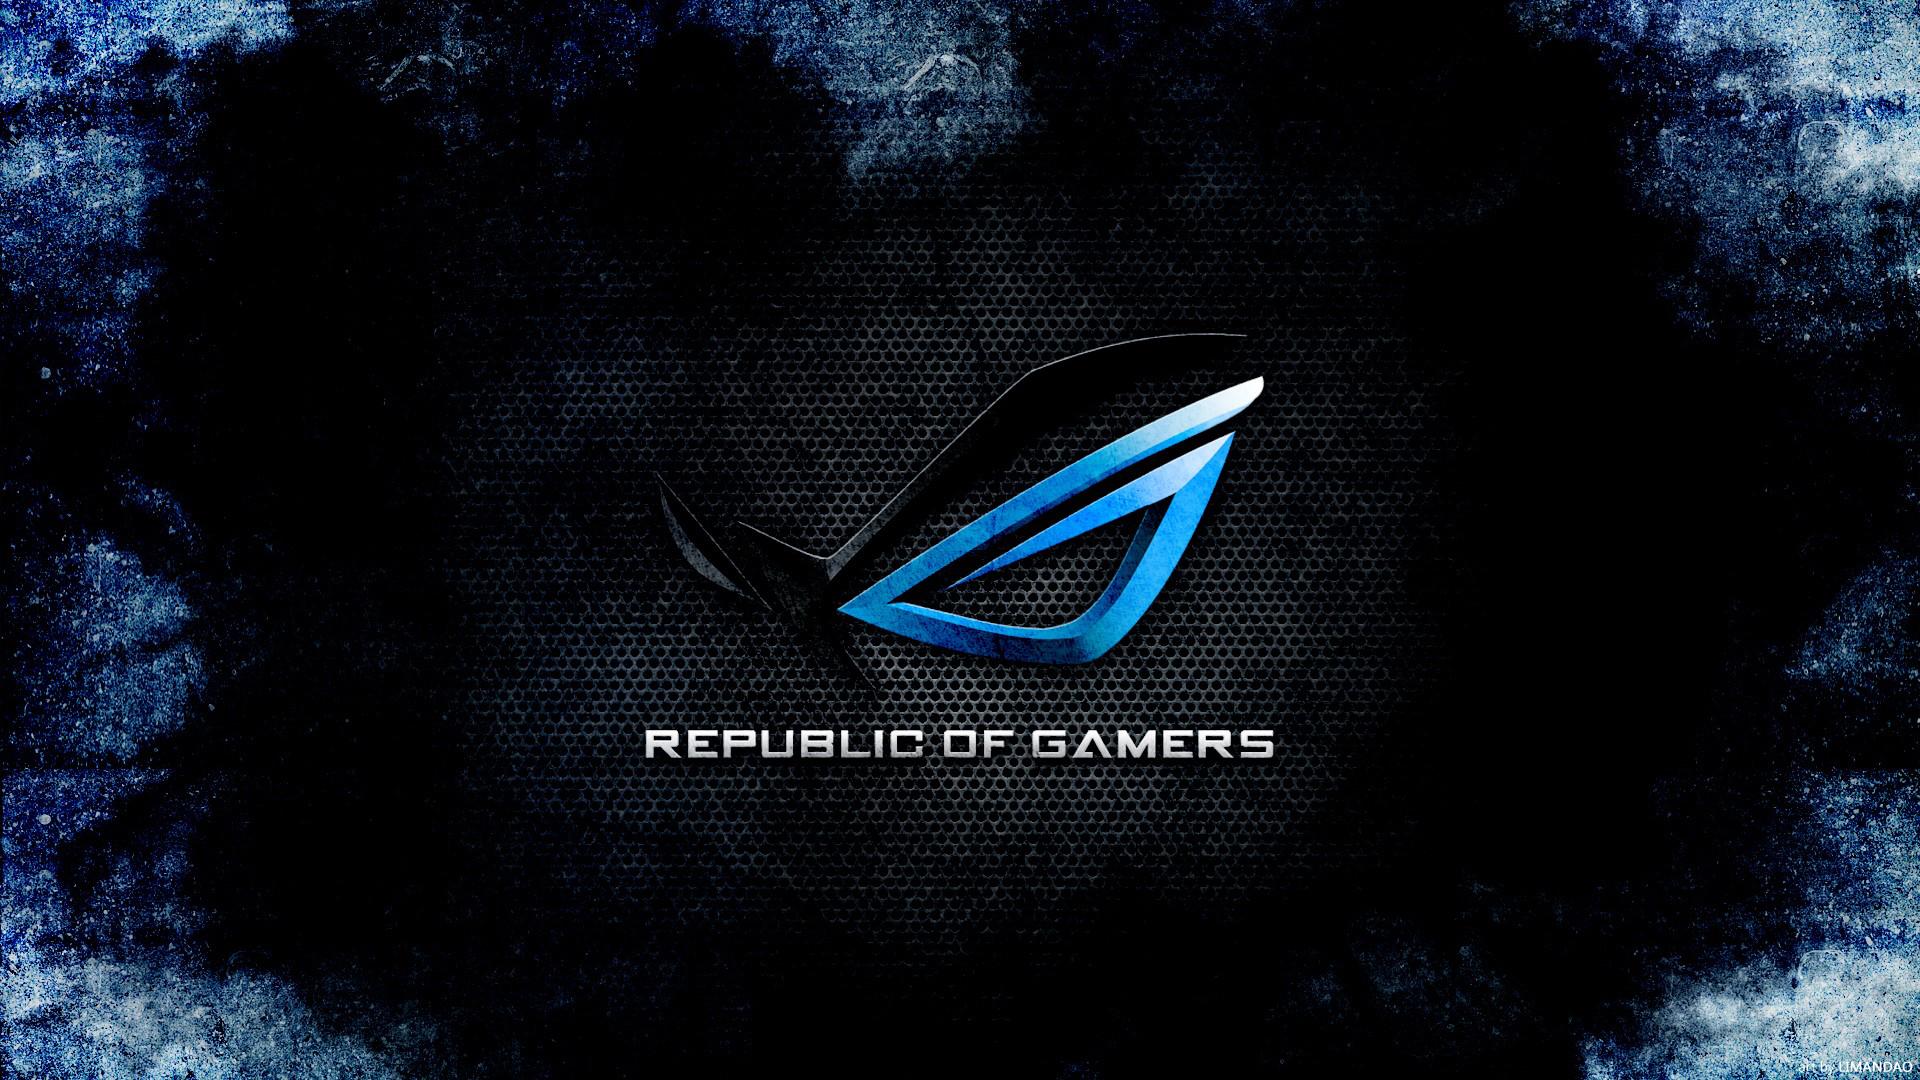 19485 Asus Republic Of Gamers 1920x1080 Computer Wallpaperjpg HD 1920x1080